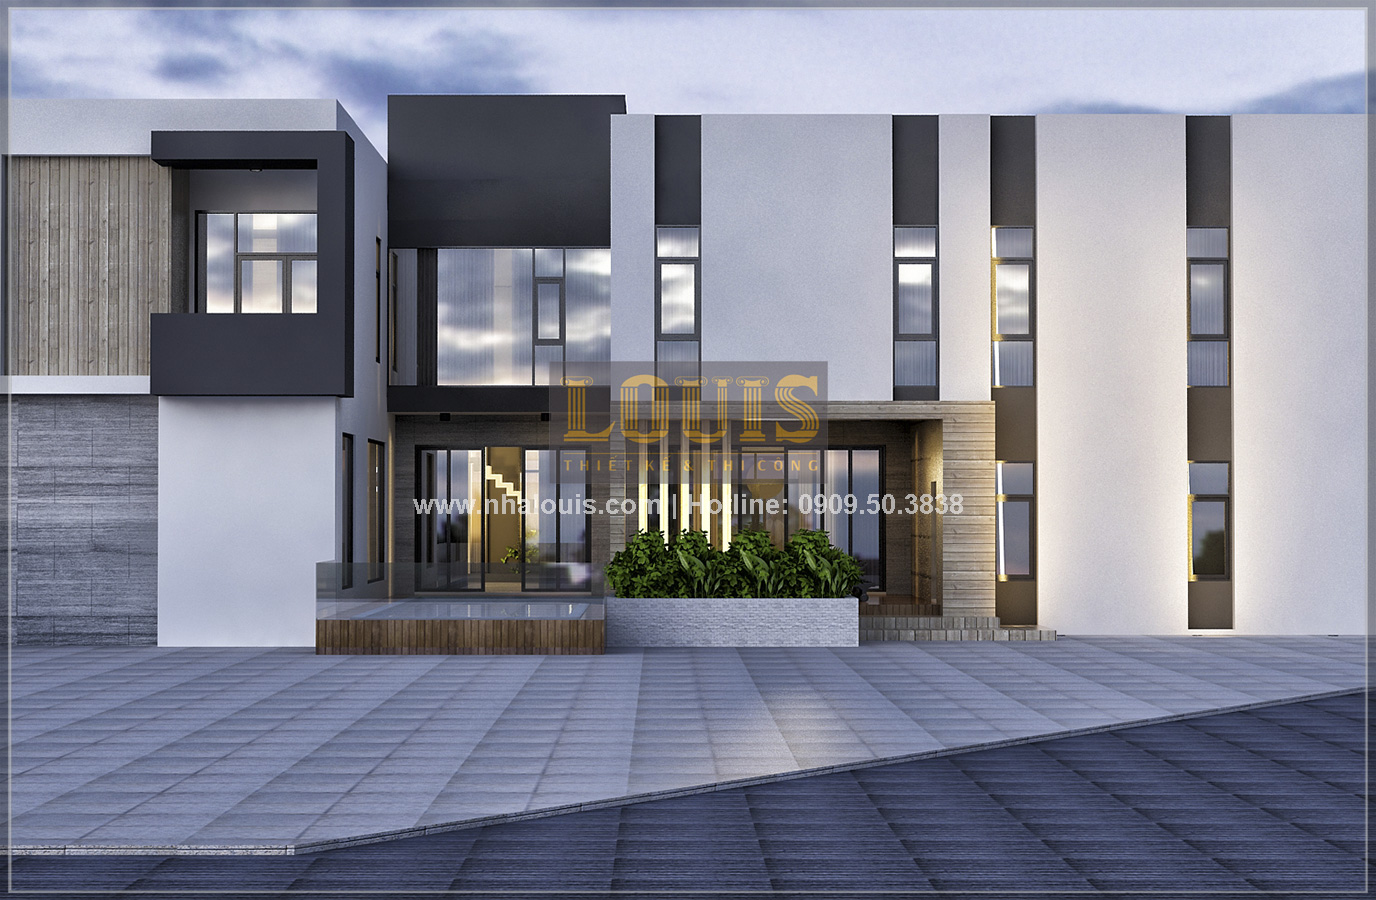 Thiết kế biệt thự hiện đại ở Cần Thơ đẹp không tỳ vết - 05